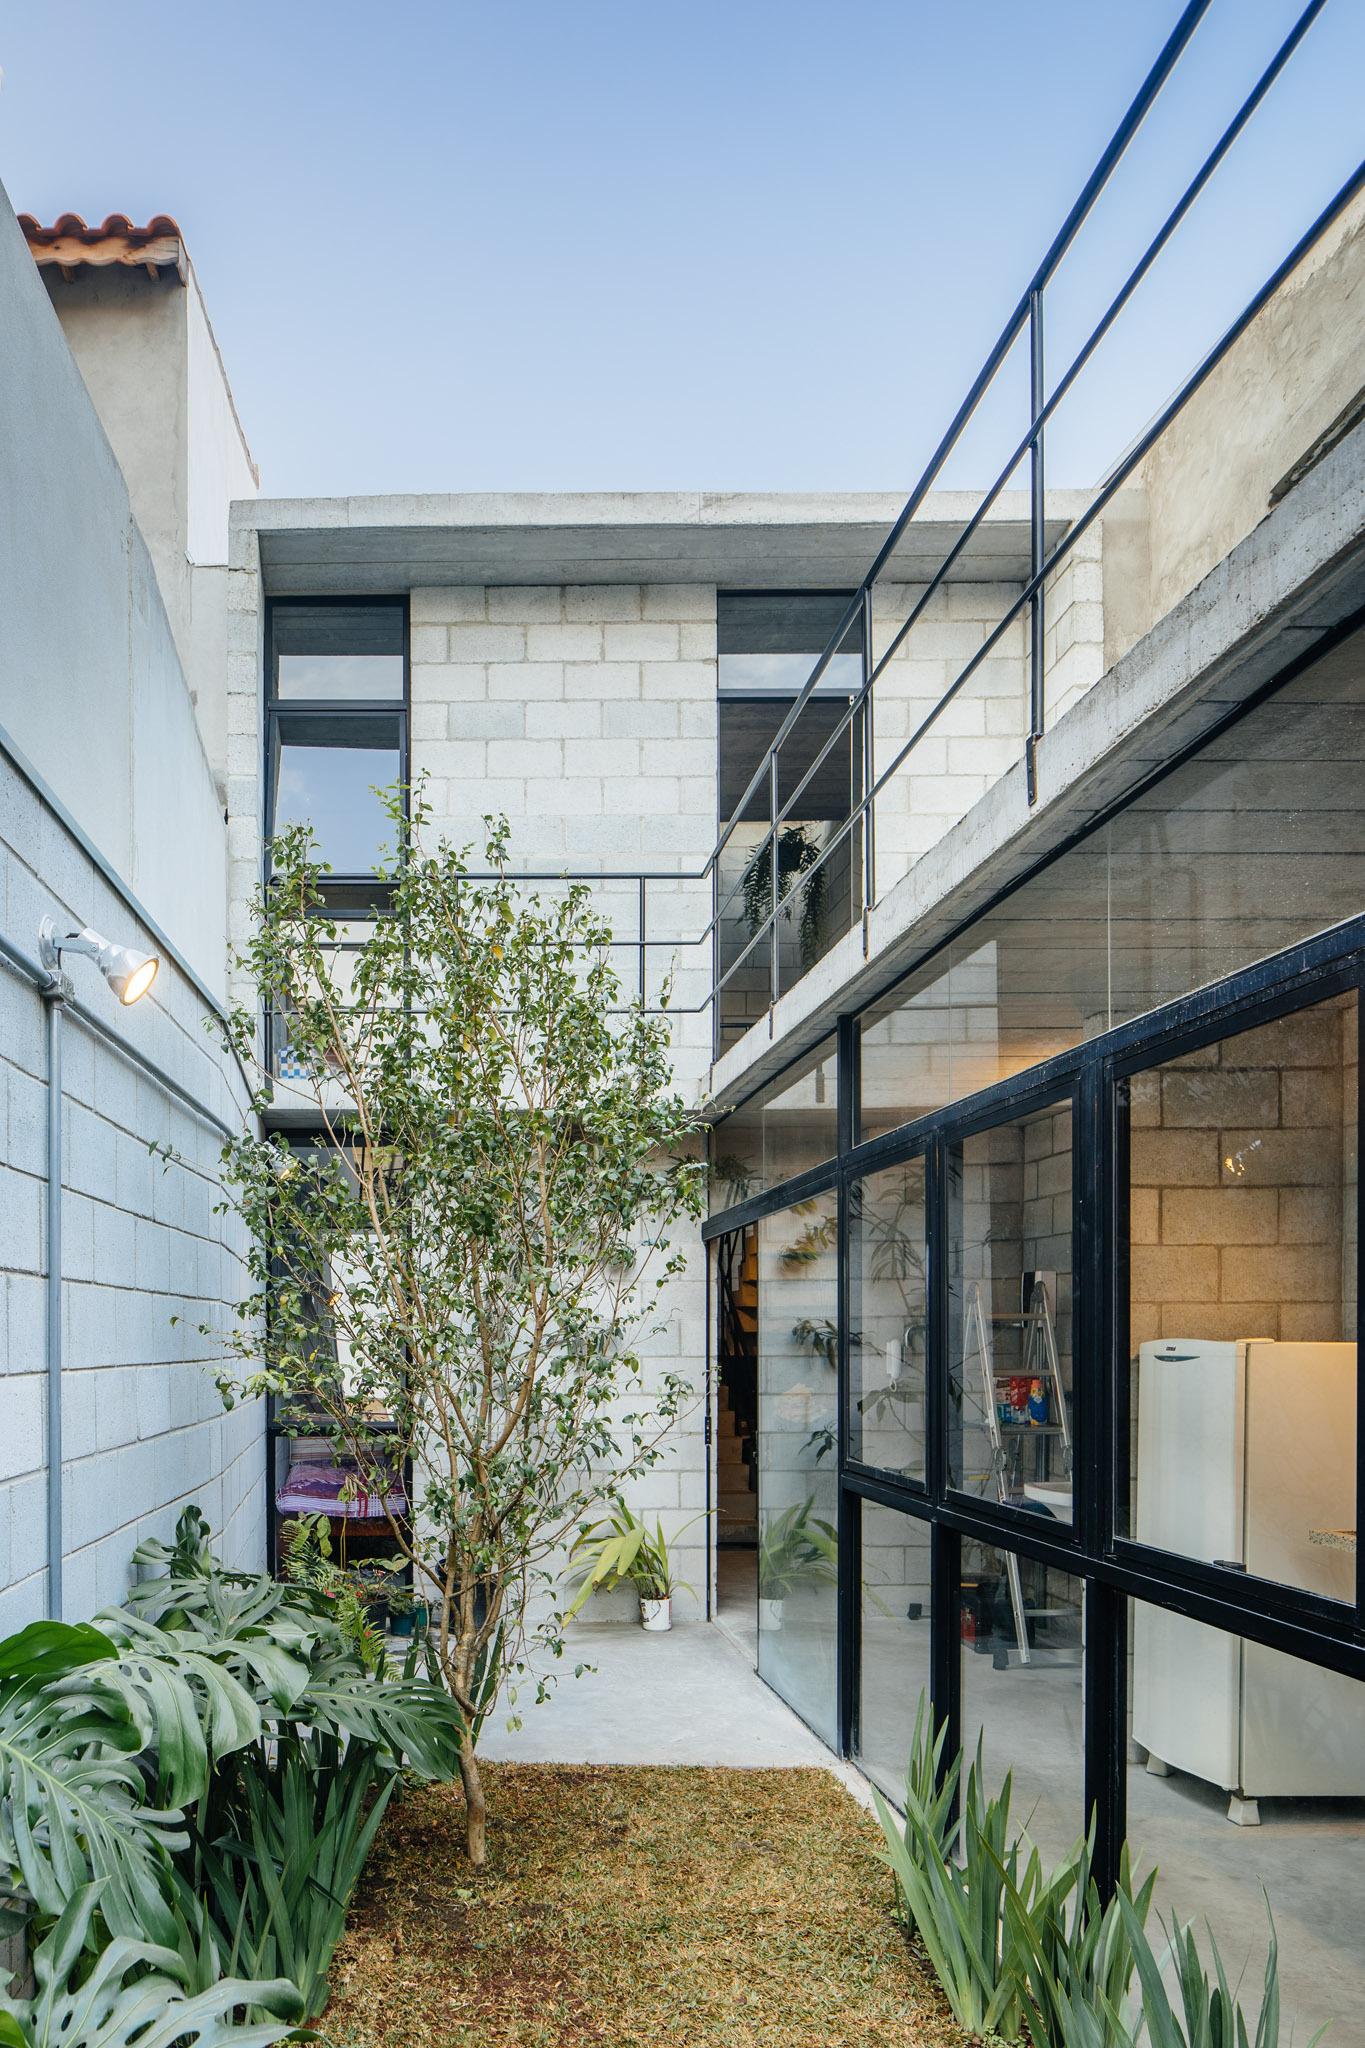 Galeria De Casa Vila Matilde Terra E Tuma Arquitetos Associados 2